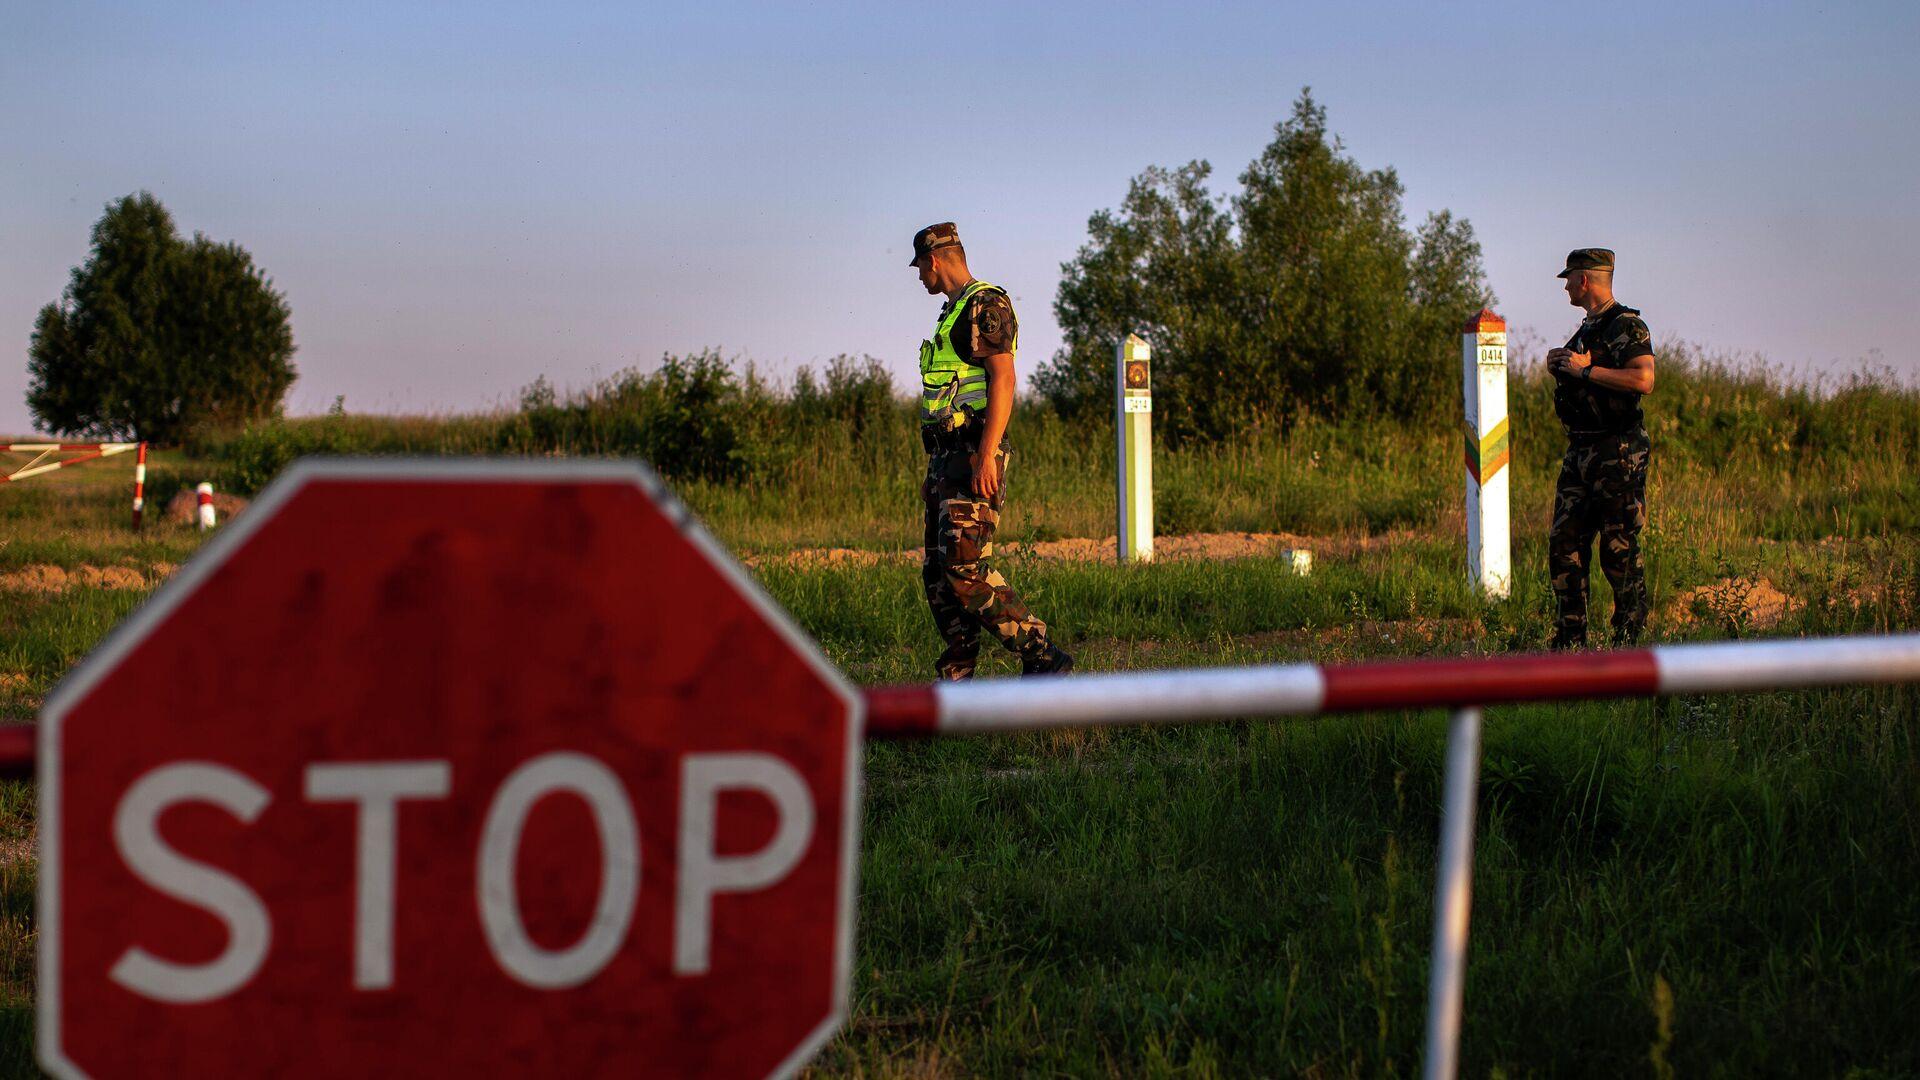 Литовские пограничники патрулируют участок на границе с Белоруссией - РИА Новости, 1920, 09.08.2021